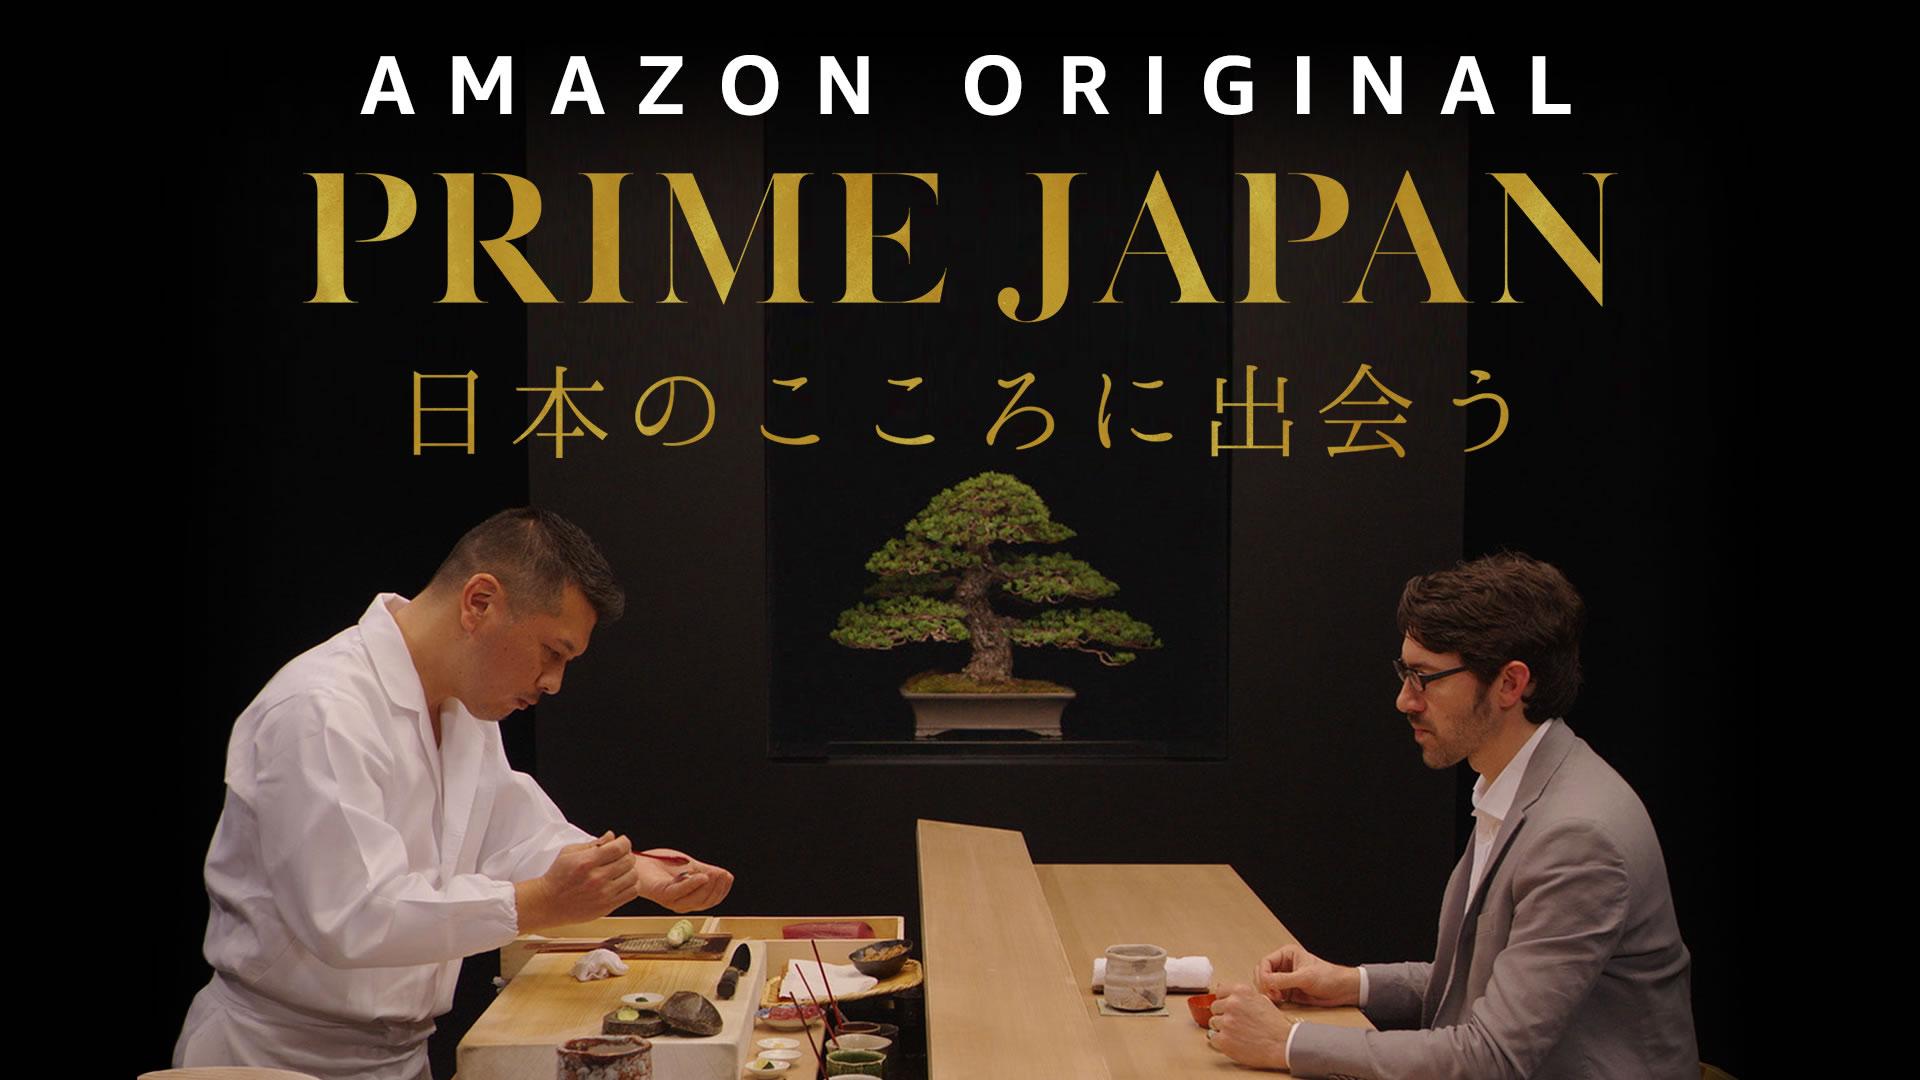 PRIME JAPAN 日本のこころに出会う [HD/SD版]